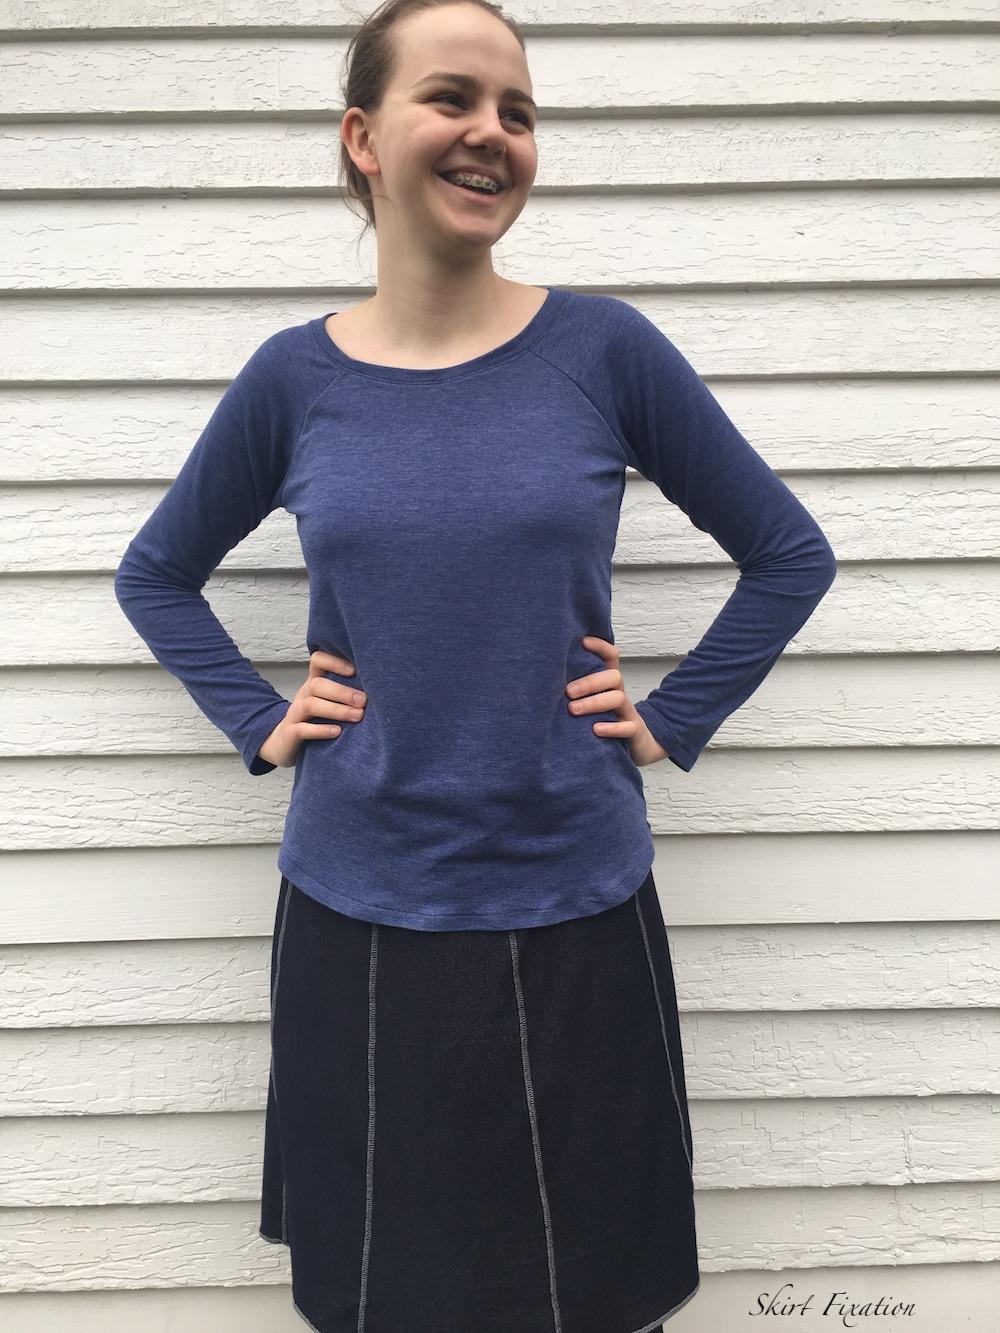 Reversible Paneled Skirt tutorial by Skirt Fixation